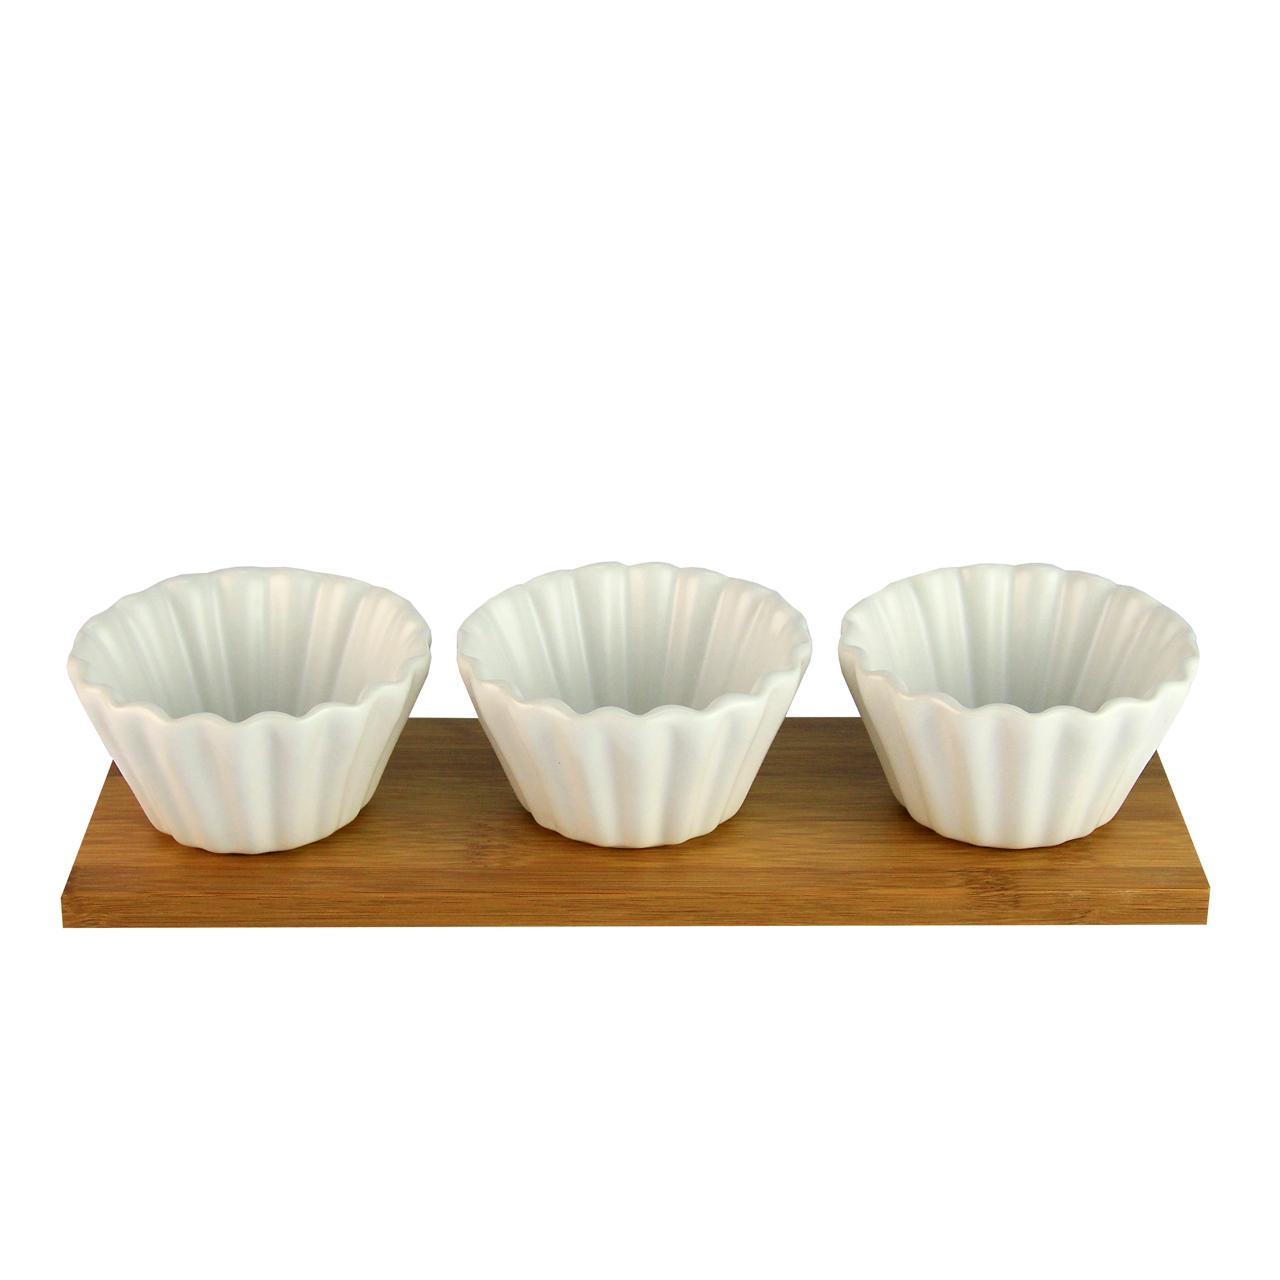 Tava Din Bambus Cu 3 Recipienti Din Ceramica Alba